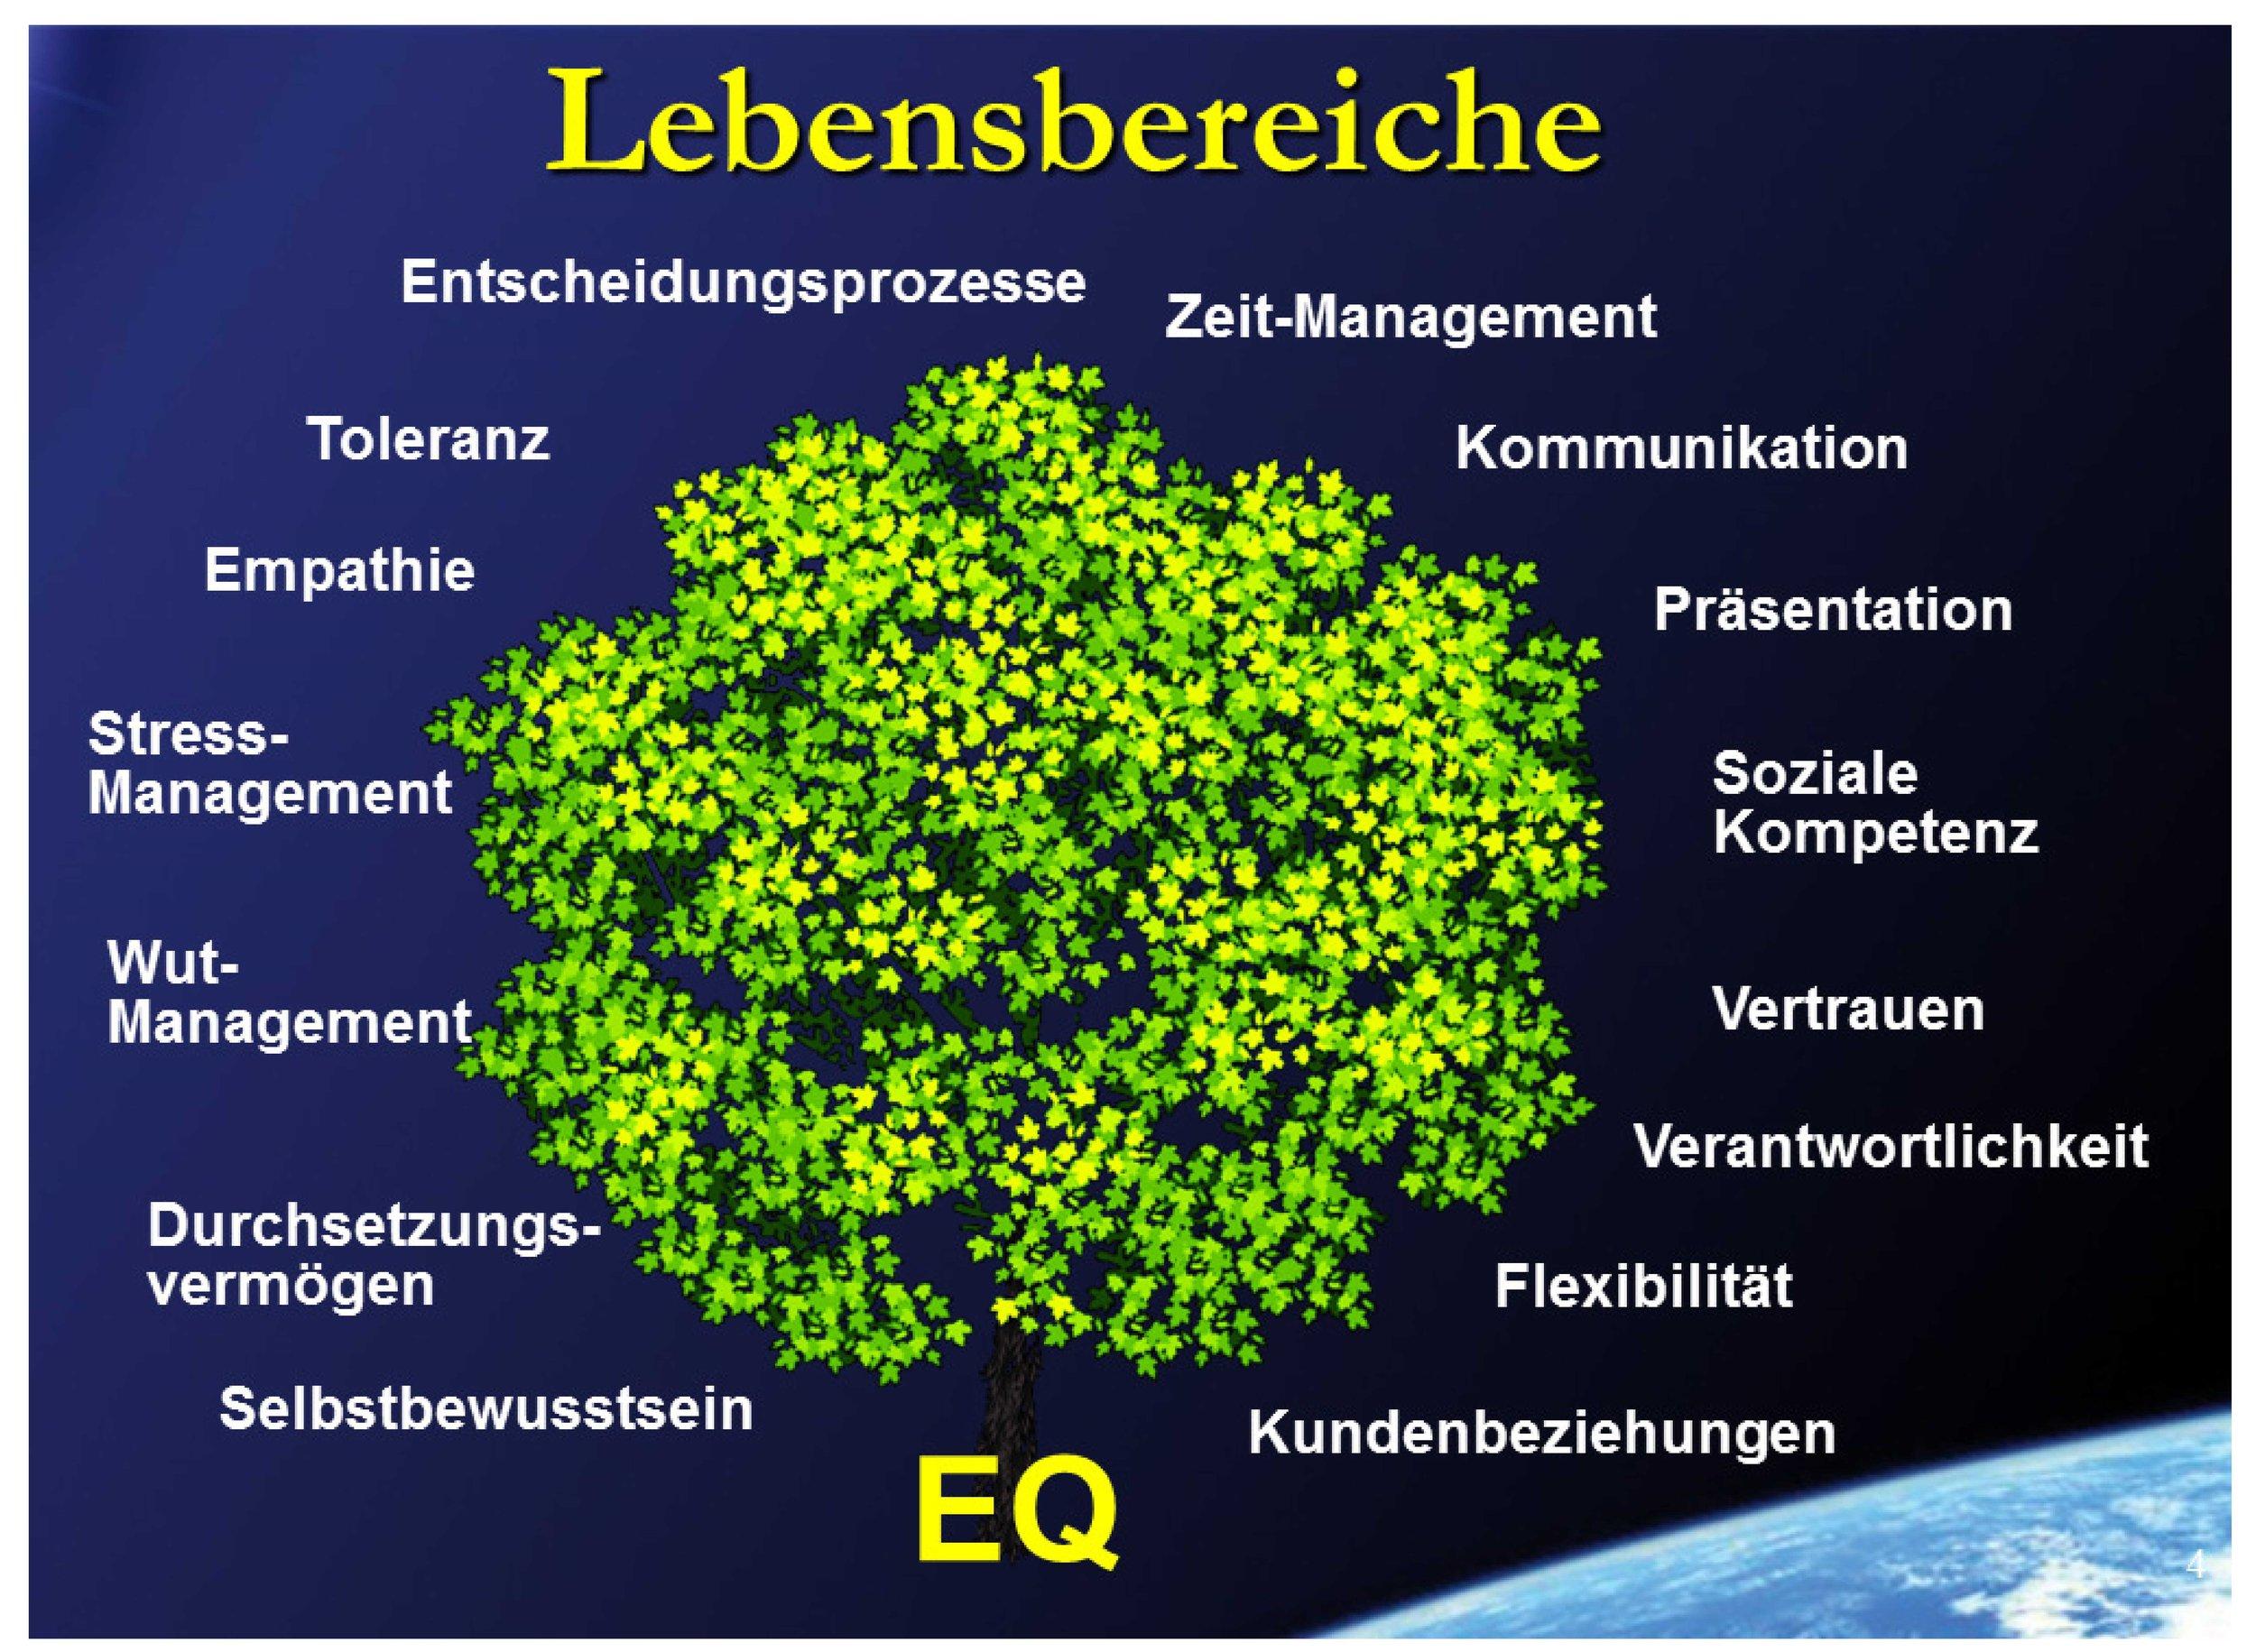 Es ist leicht erkennbar, dass EQ mit Beziehungen und deren Erfolg zu tun haben muss. Wer sich in diesen Bereichen beREICHert, der hat mehr vom Leben !!    Welches sind besonders IHRE Bereiche ?